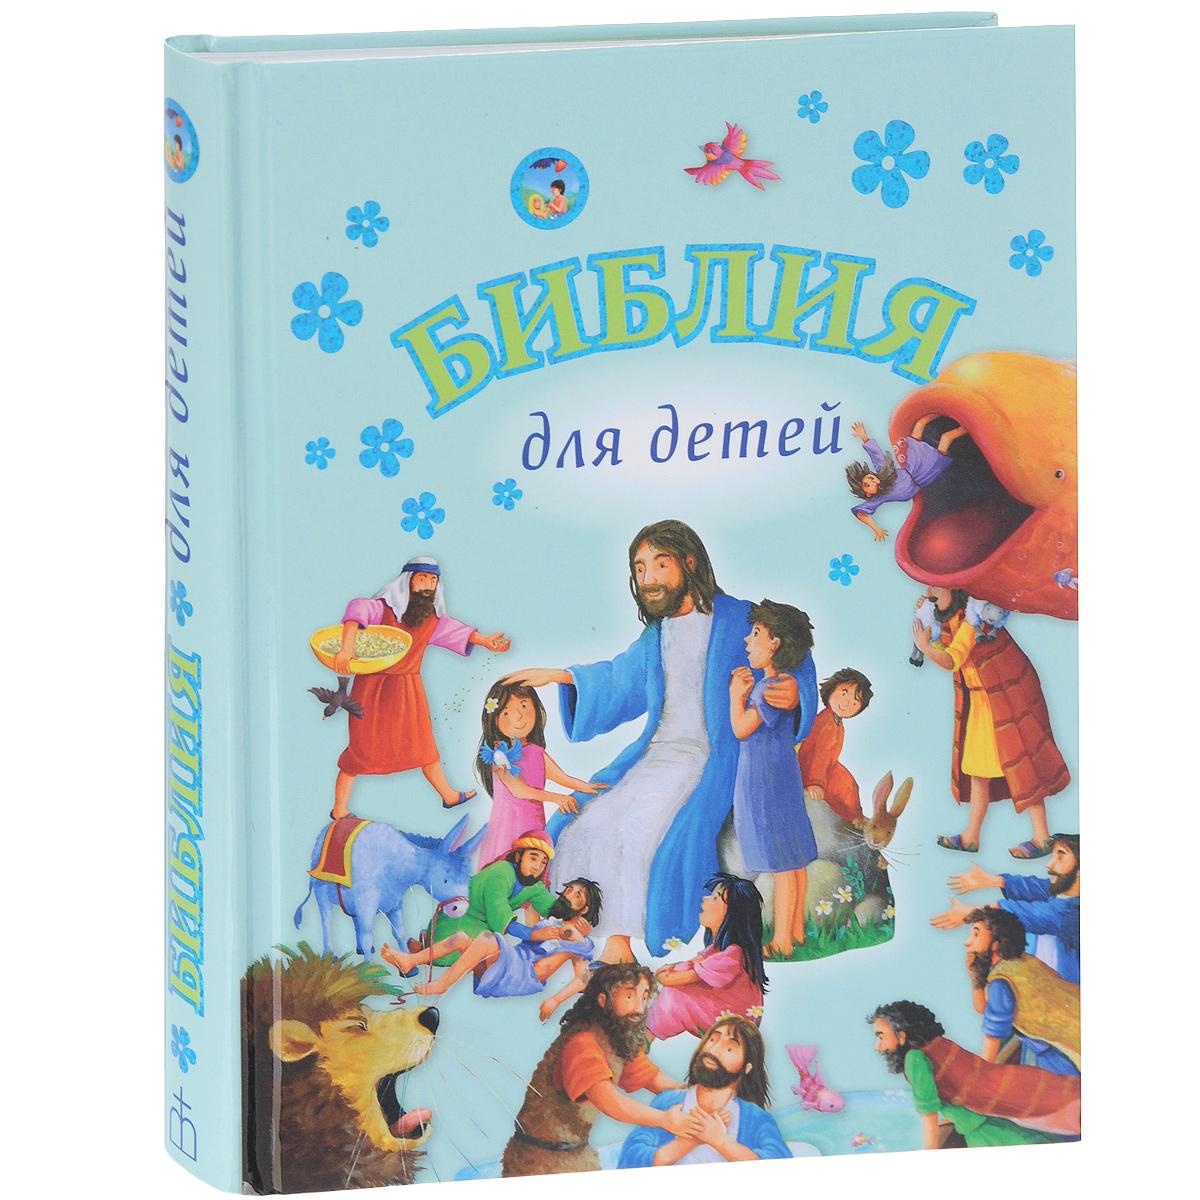 Библия для детей максим китаев мир без бога